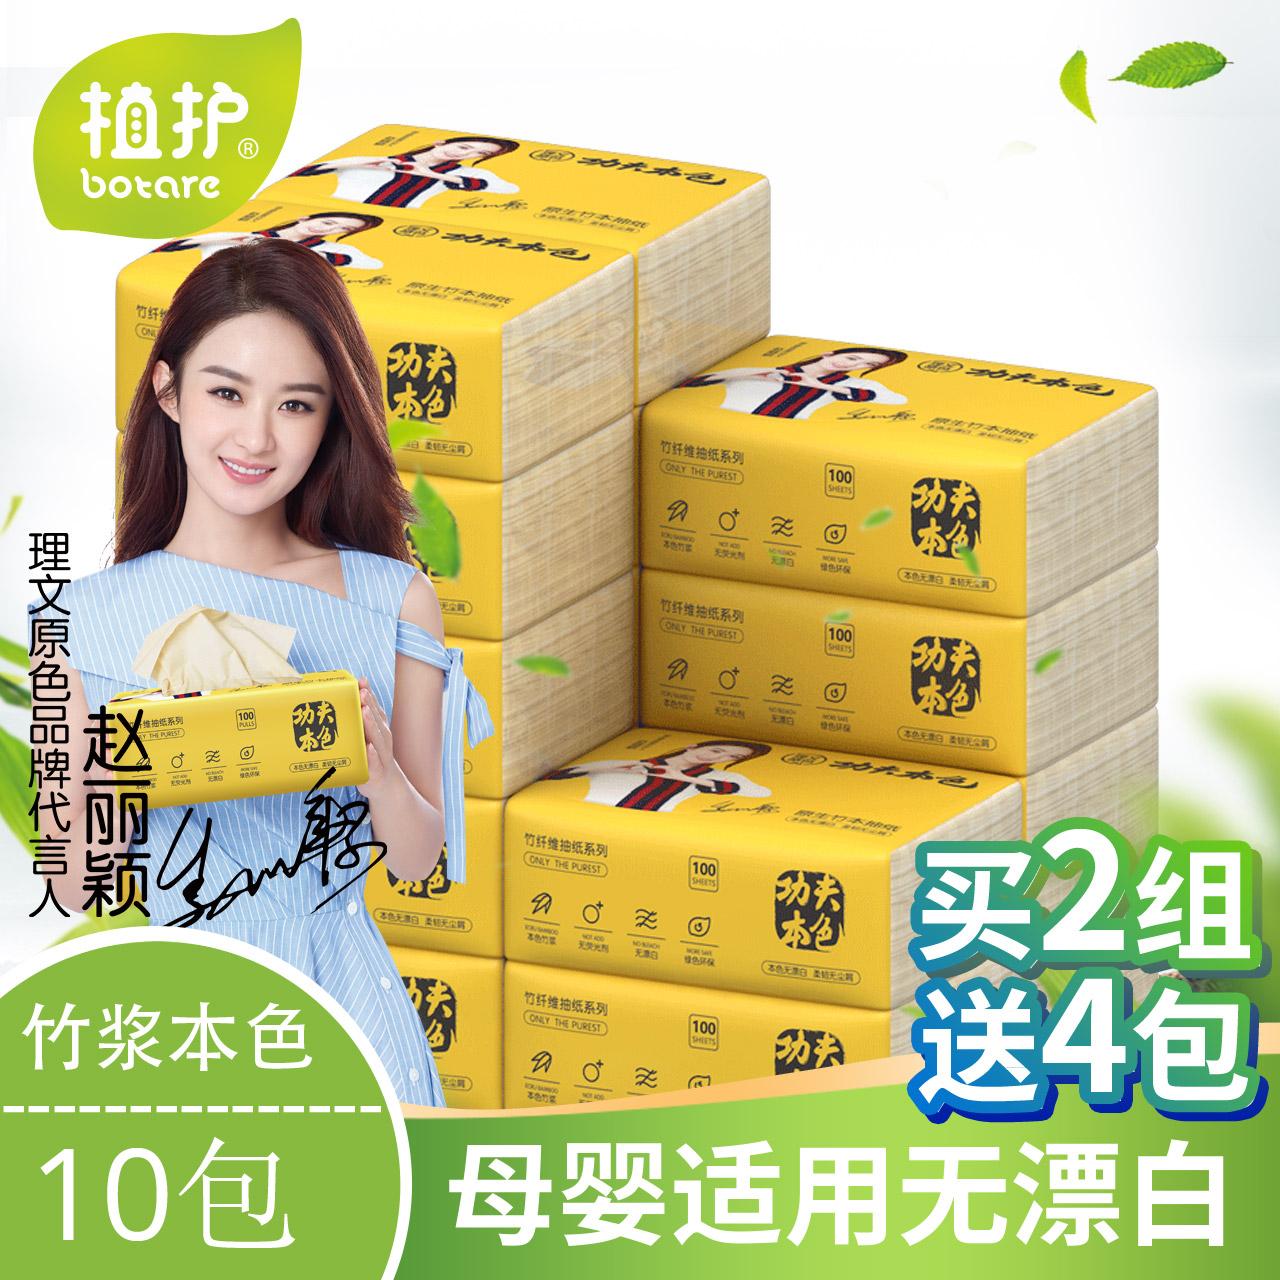 植护本色抽纸家用餐巾纸10包优惠家庭装面巾纸批发